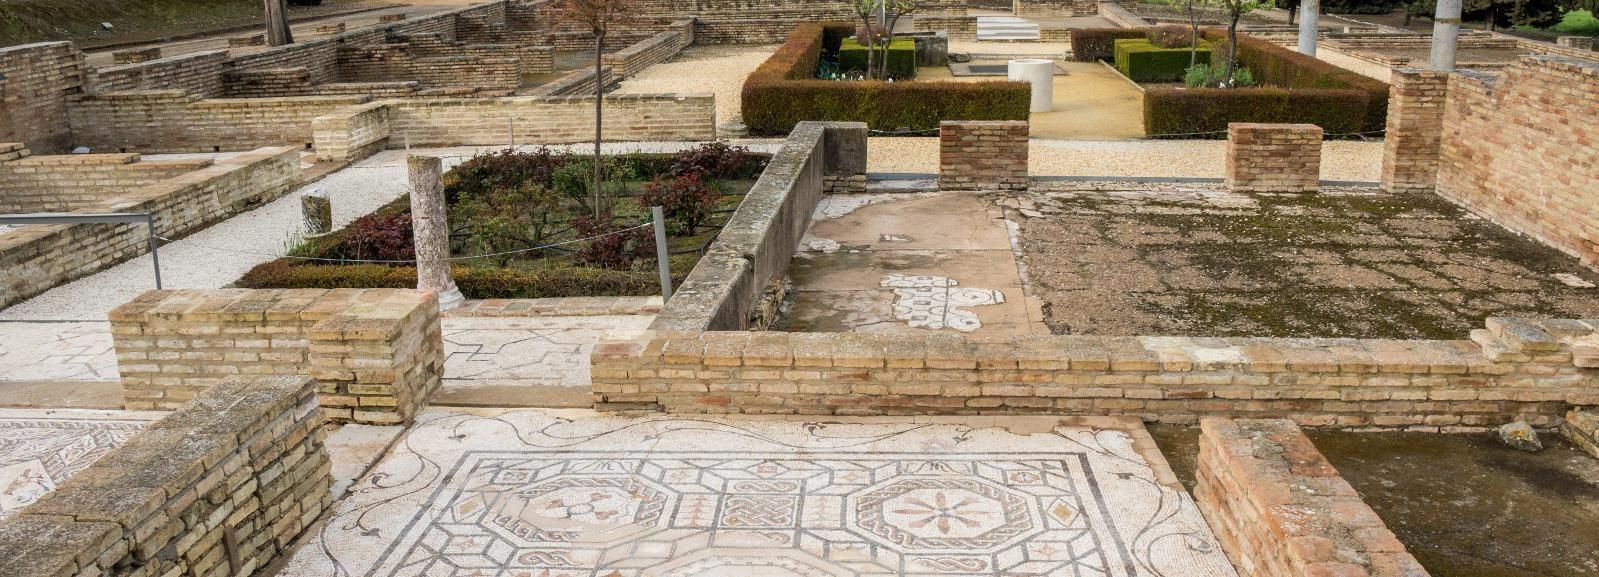 Itálica: 3-godzinna wycieczka po mieście cesarzy z Sewilli